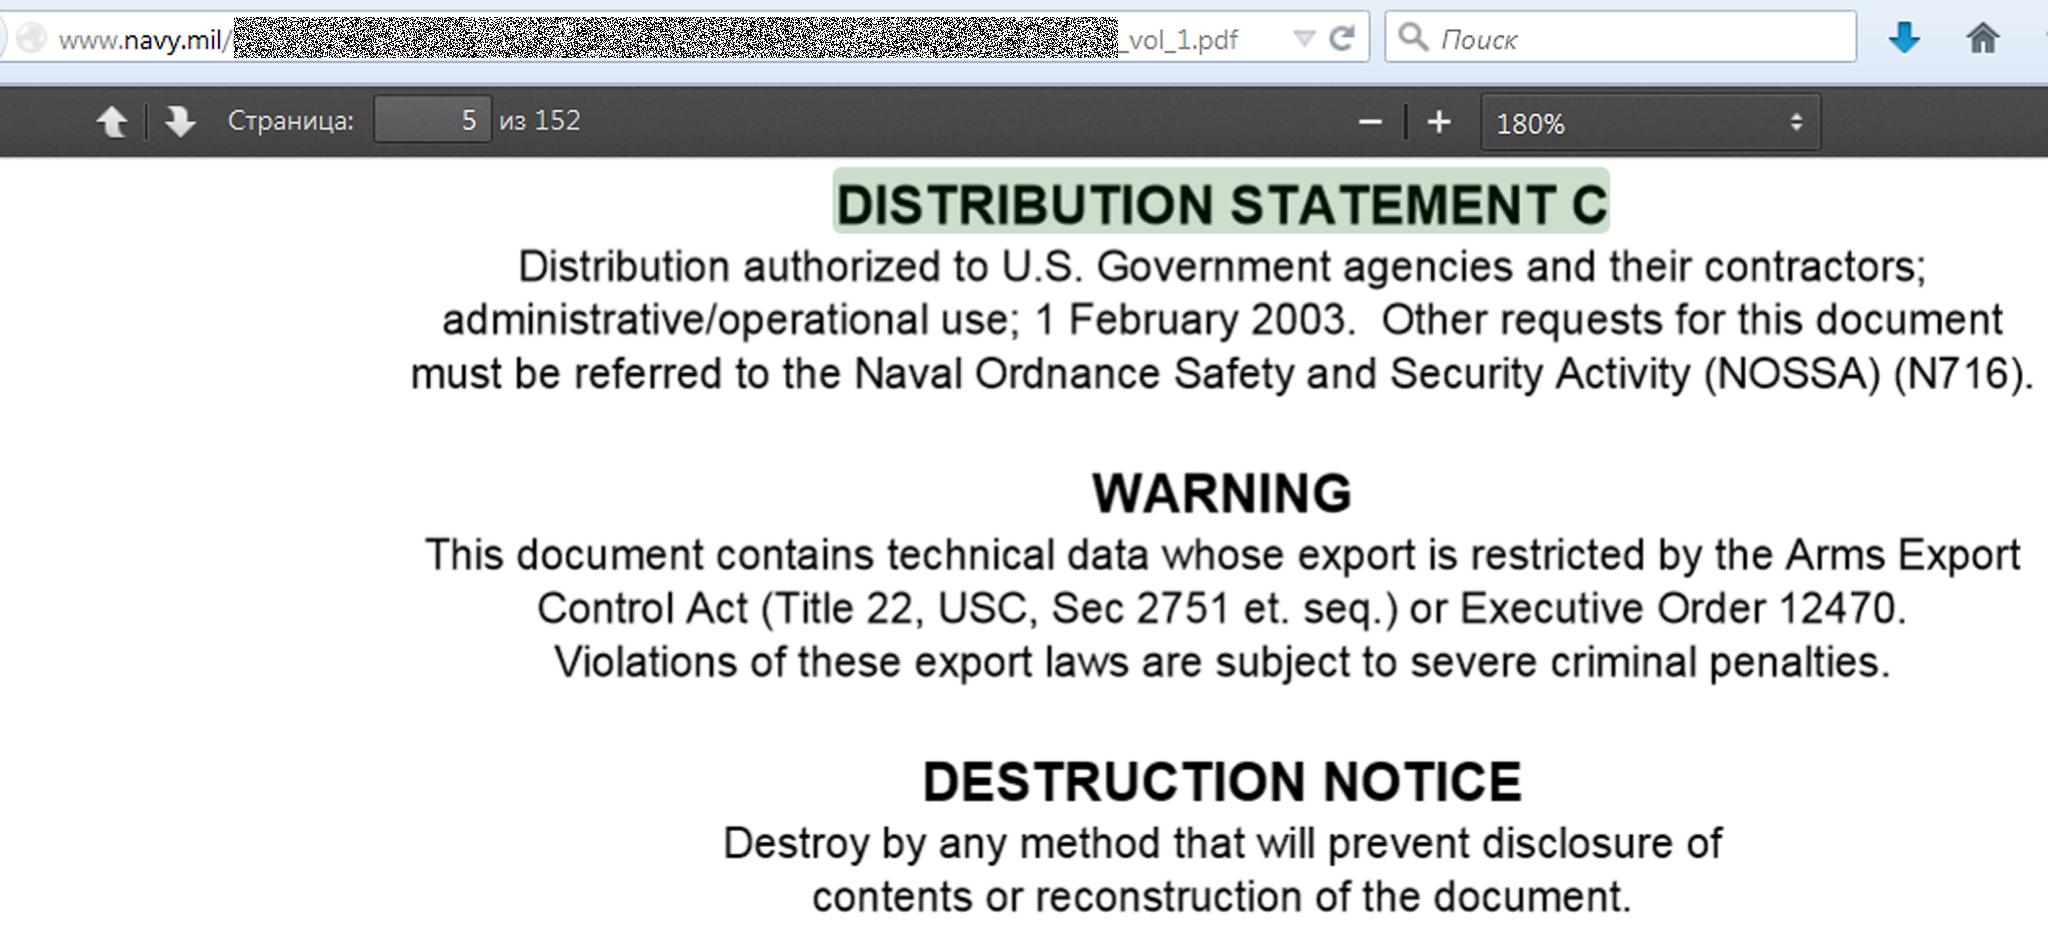 Пример штампа в документе уровня секретности С